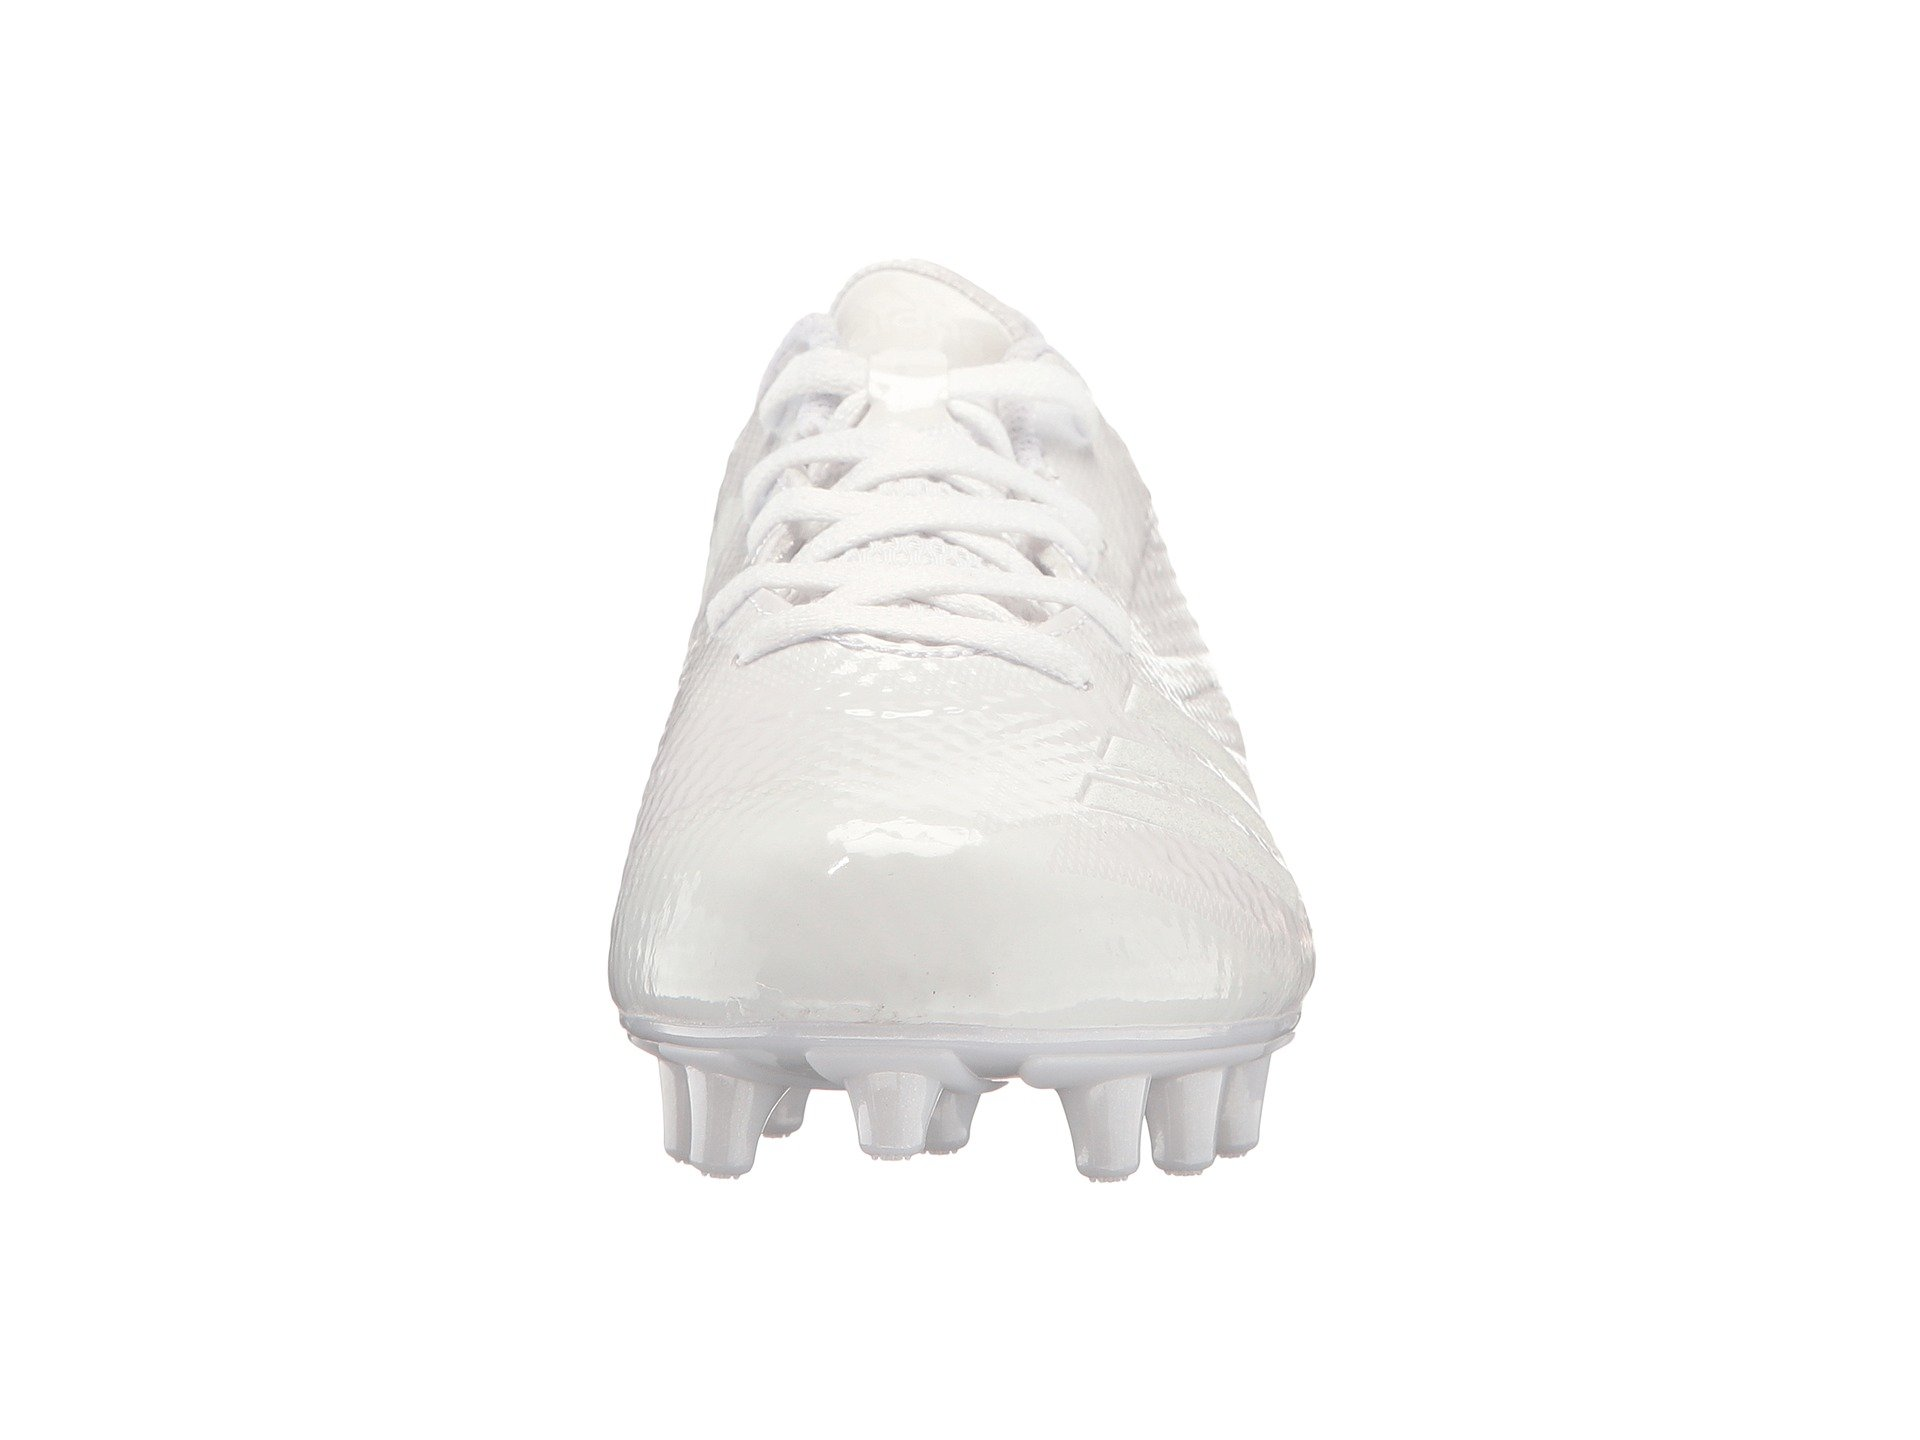 99ad6172087 1920x1440 Adidas Kids Adizero 5 Star 6.0 Football (Little Kidig Kid)